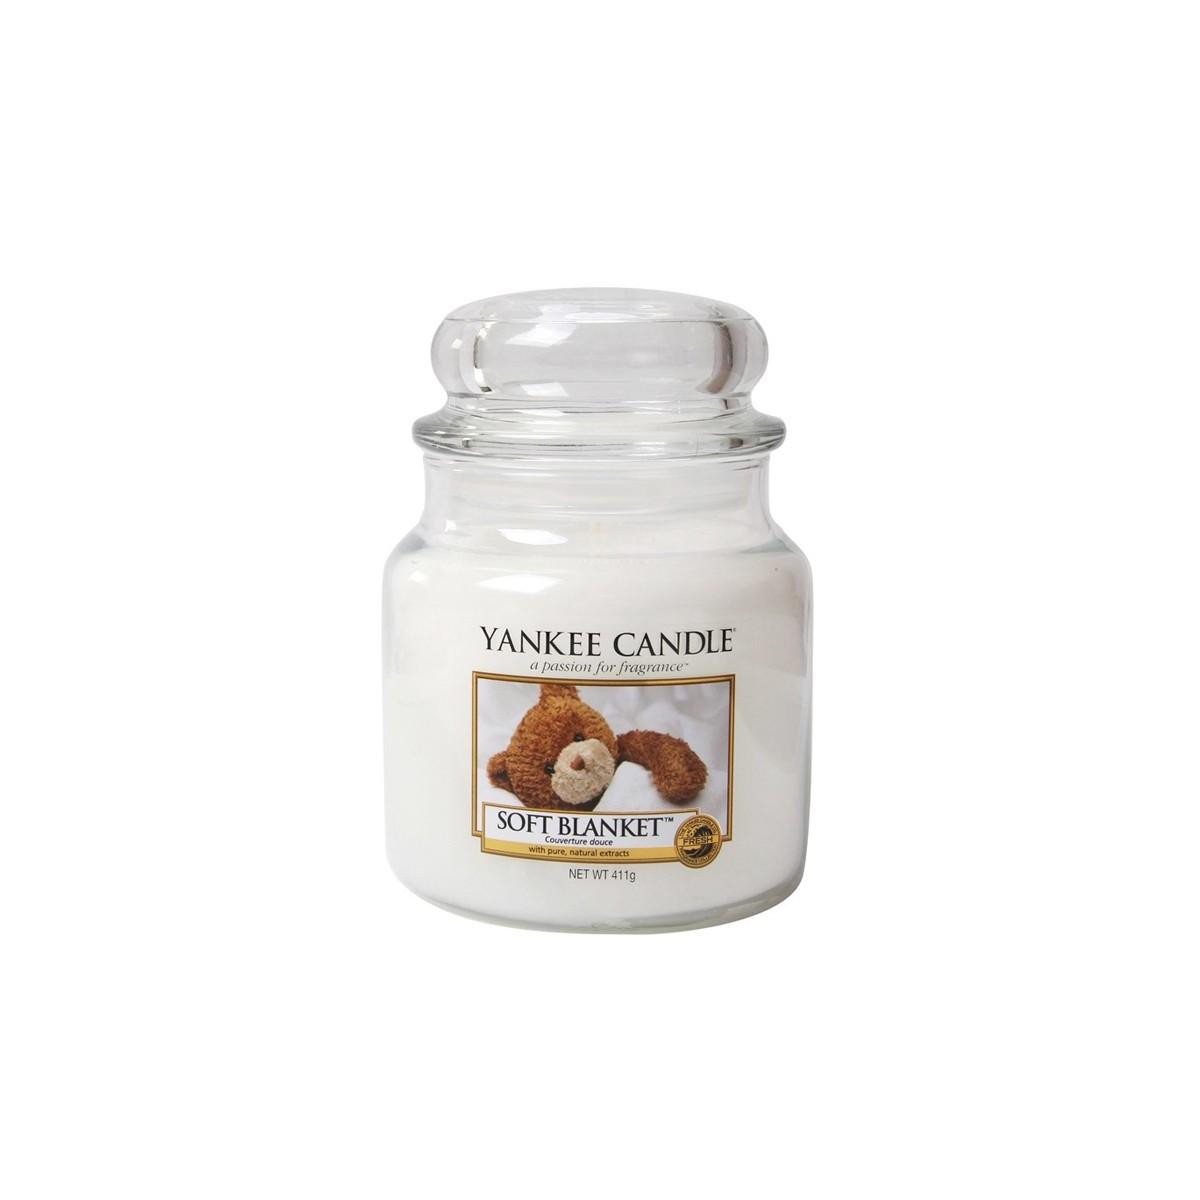 yankee candle jarres soft blanket. Black Bedroom Furniture Sets. Home Design Ideas